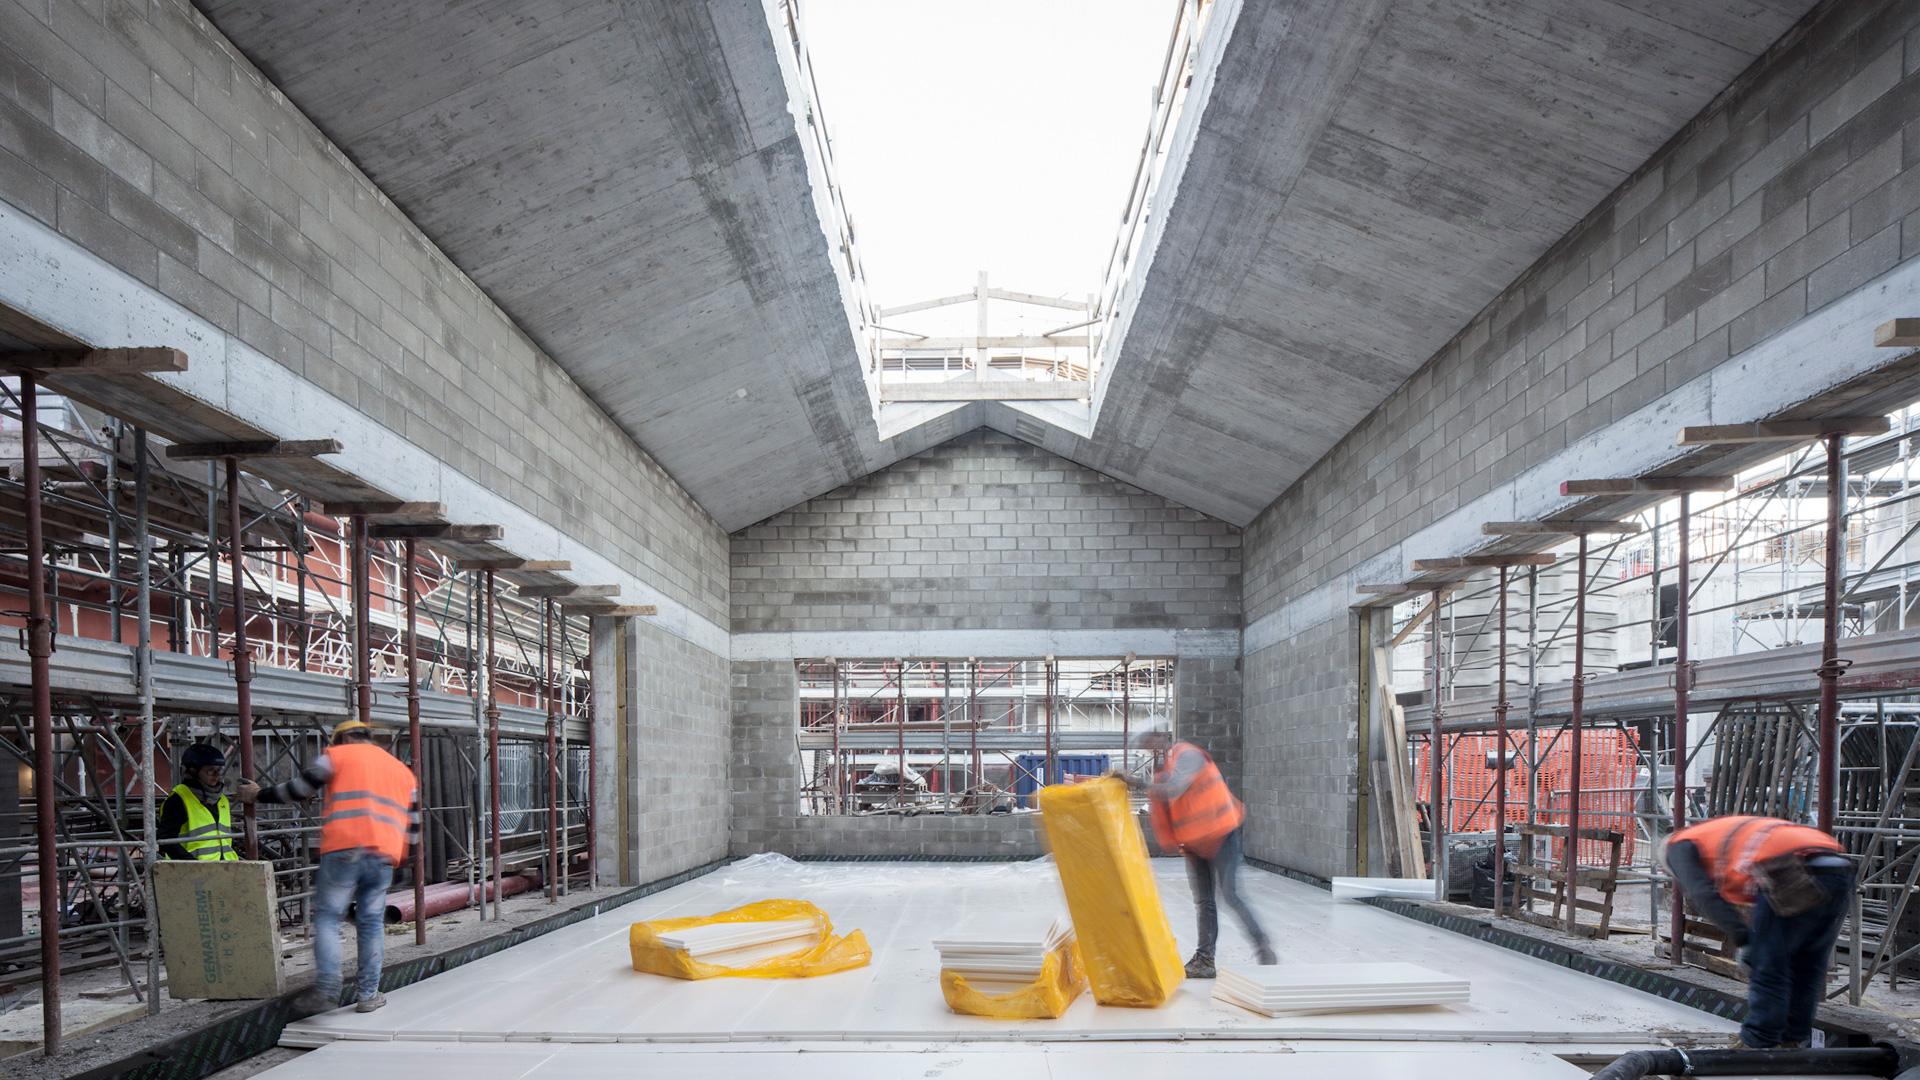 SCE Project Direzione lavori in Italia - Construction Management in Italy